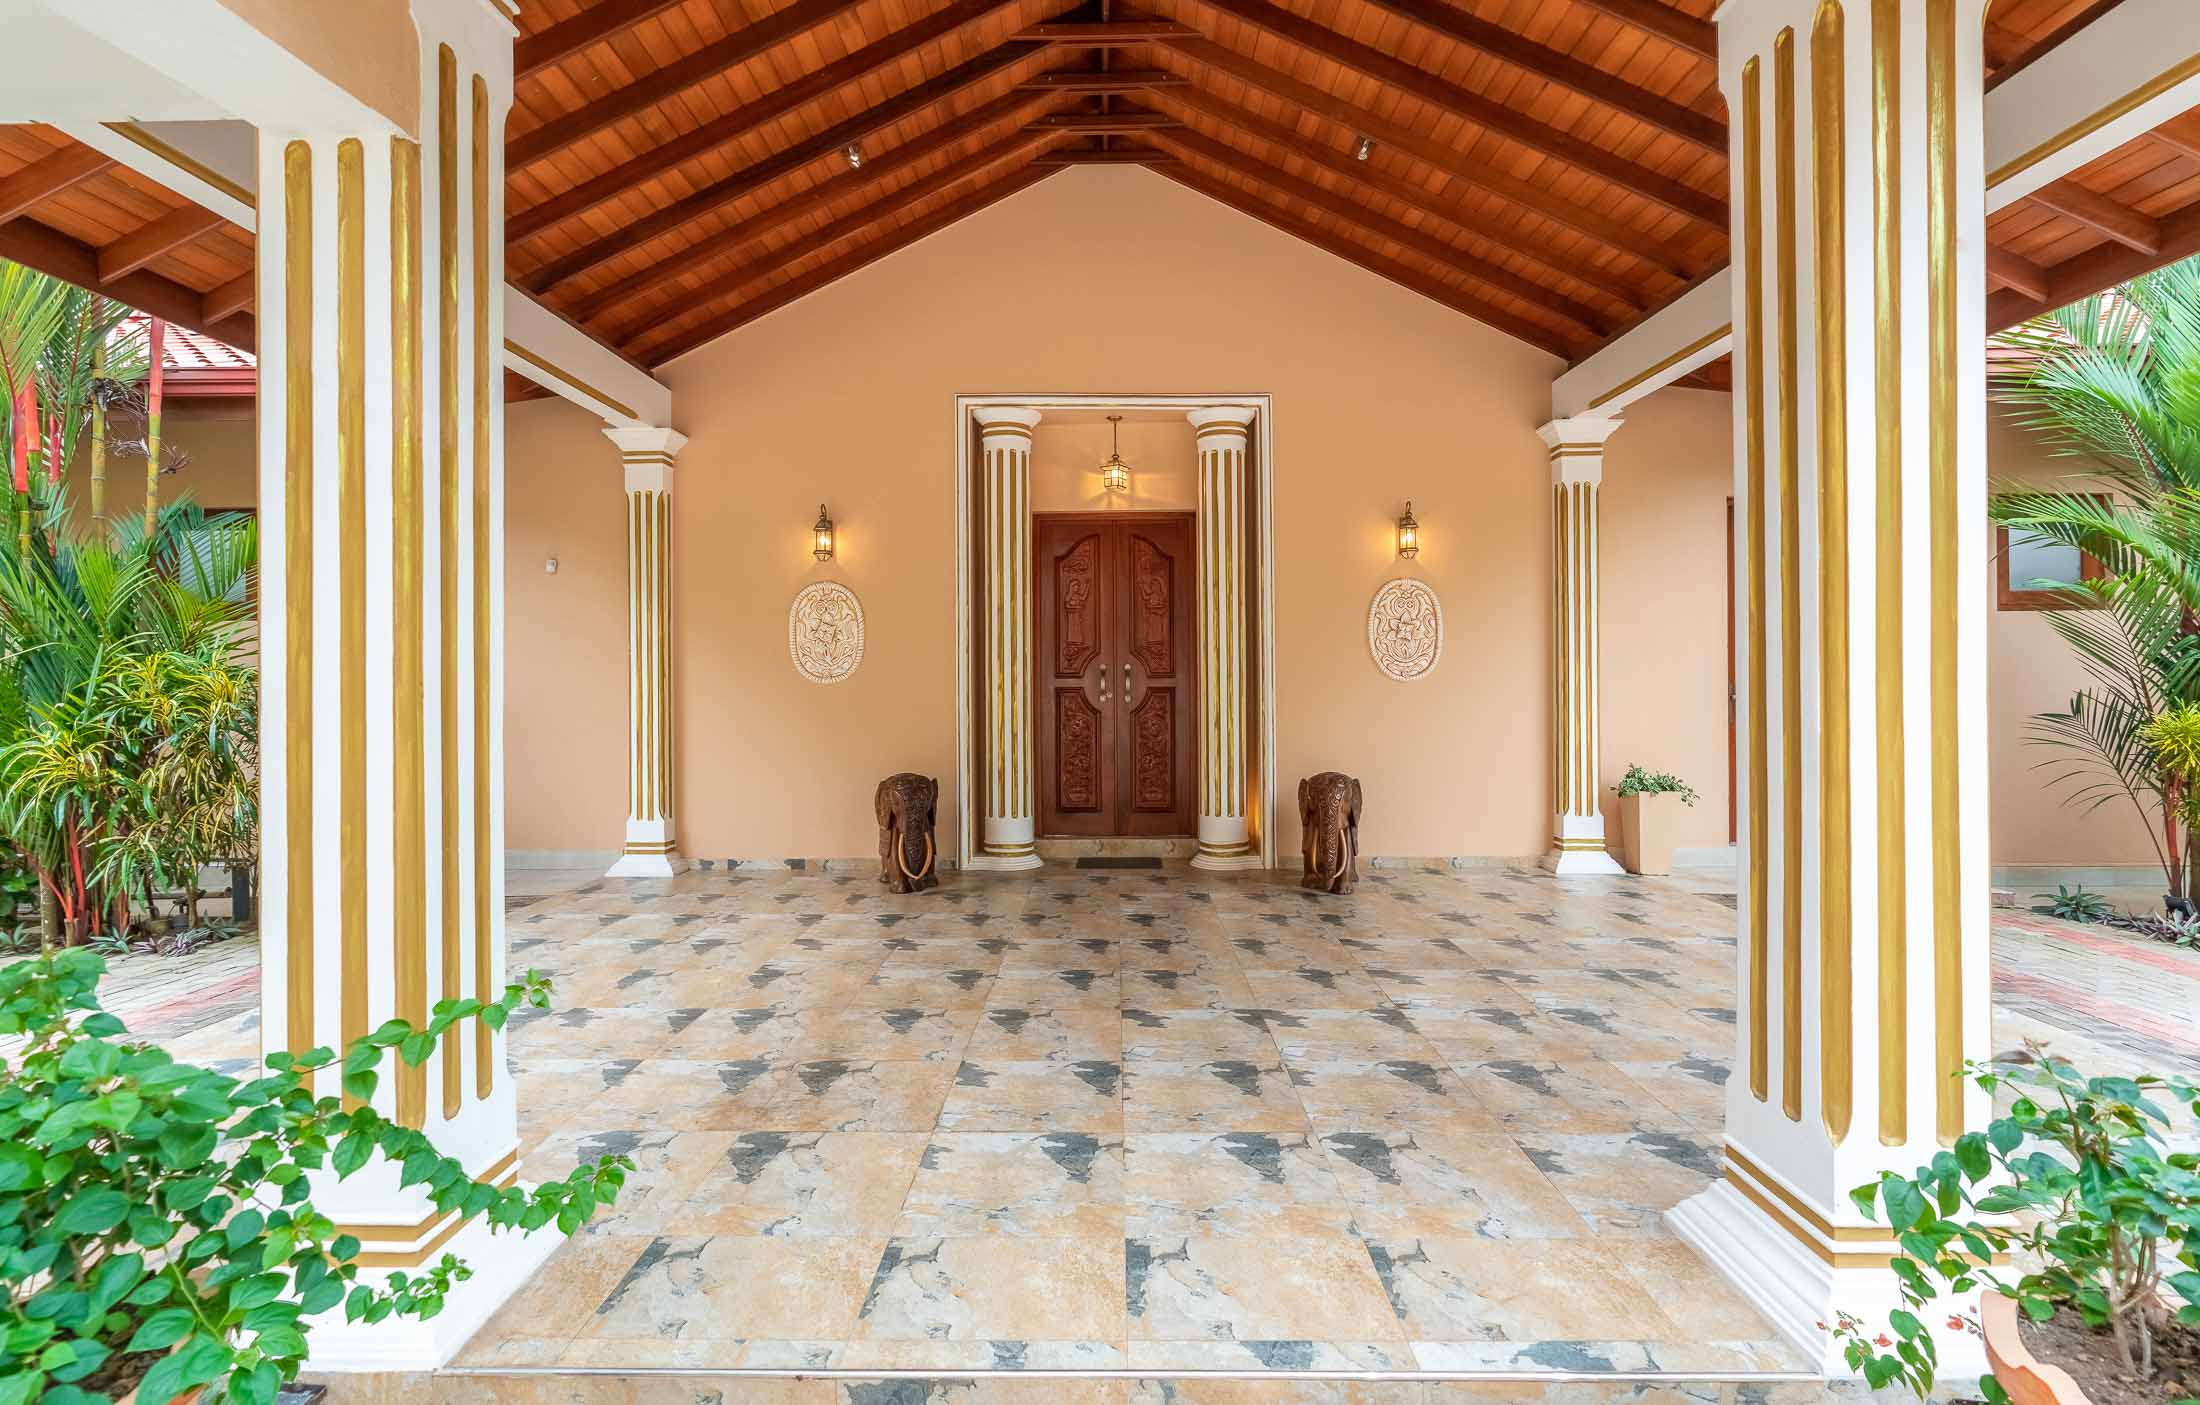 Eingang der Villa Raphael: Handgeschnitzte Holztüre mit Elefanten an der Seite